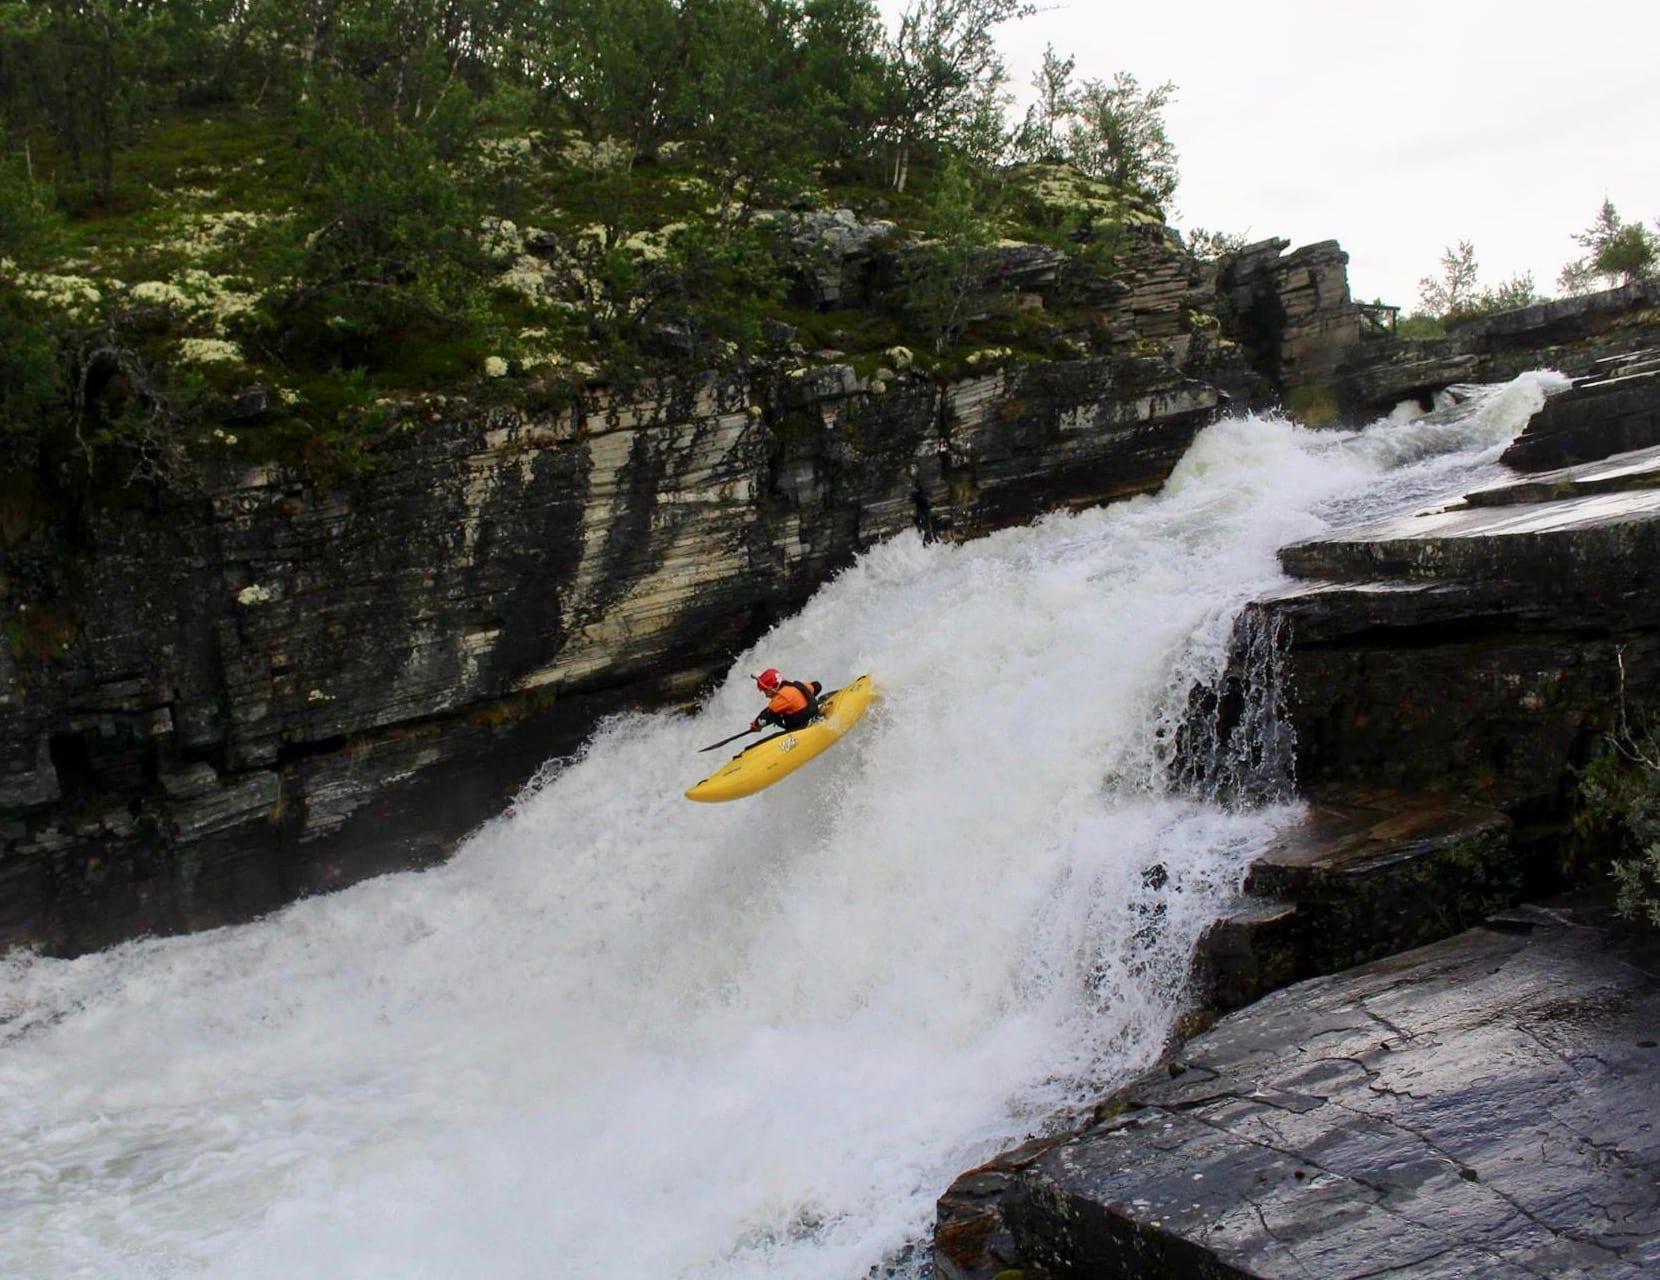 Kayaking on Ula River - Drop after slides